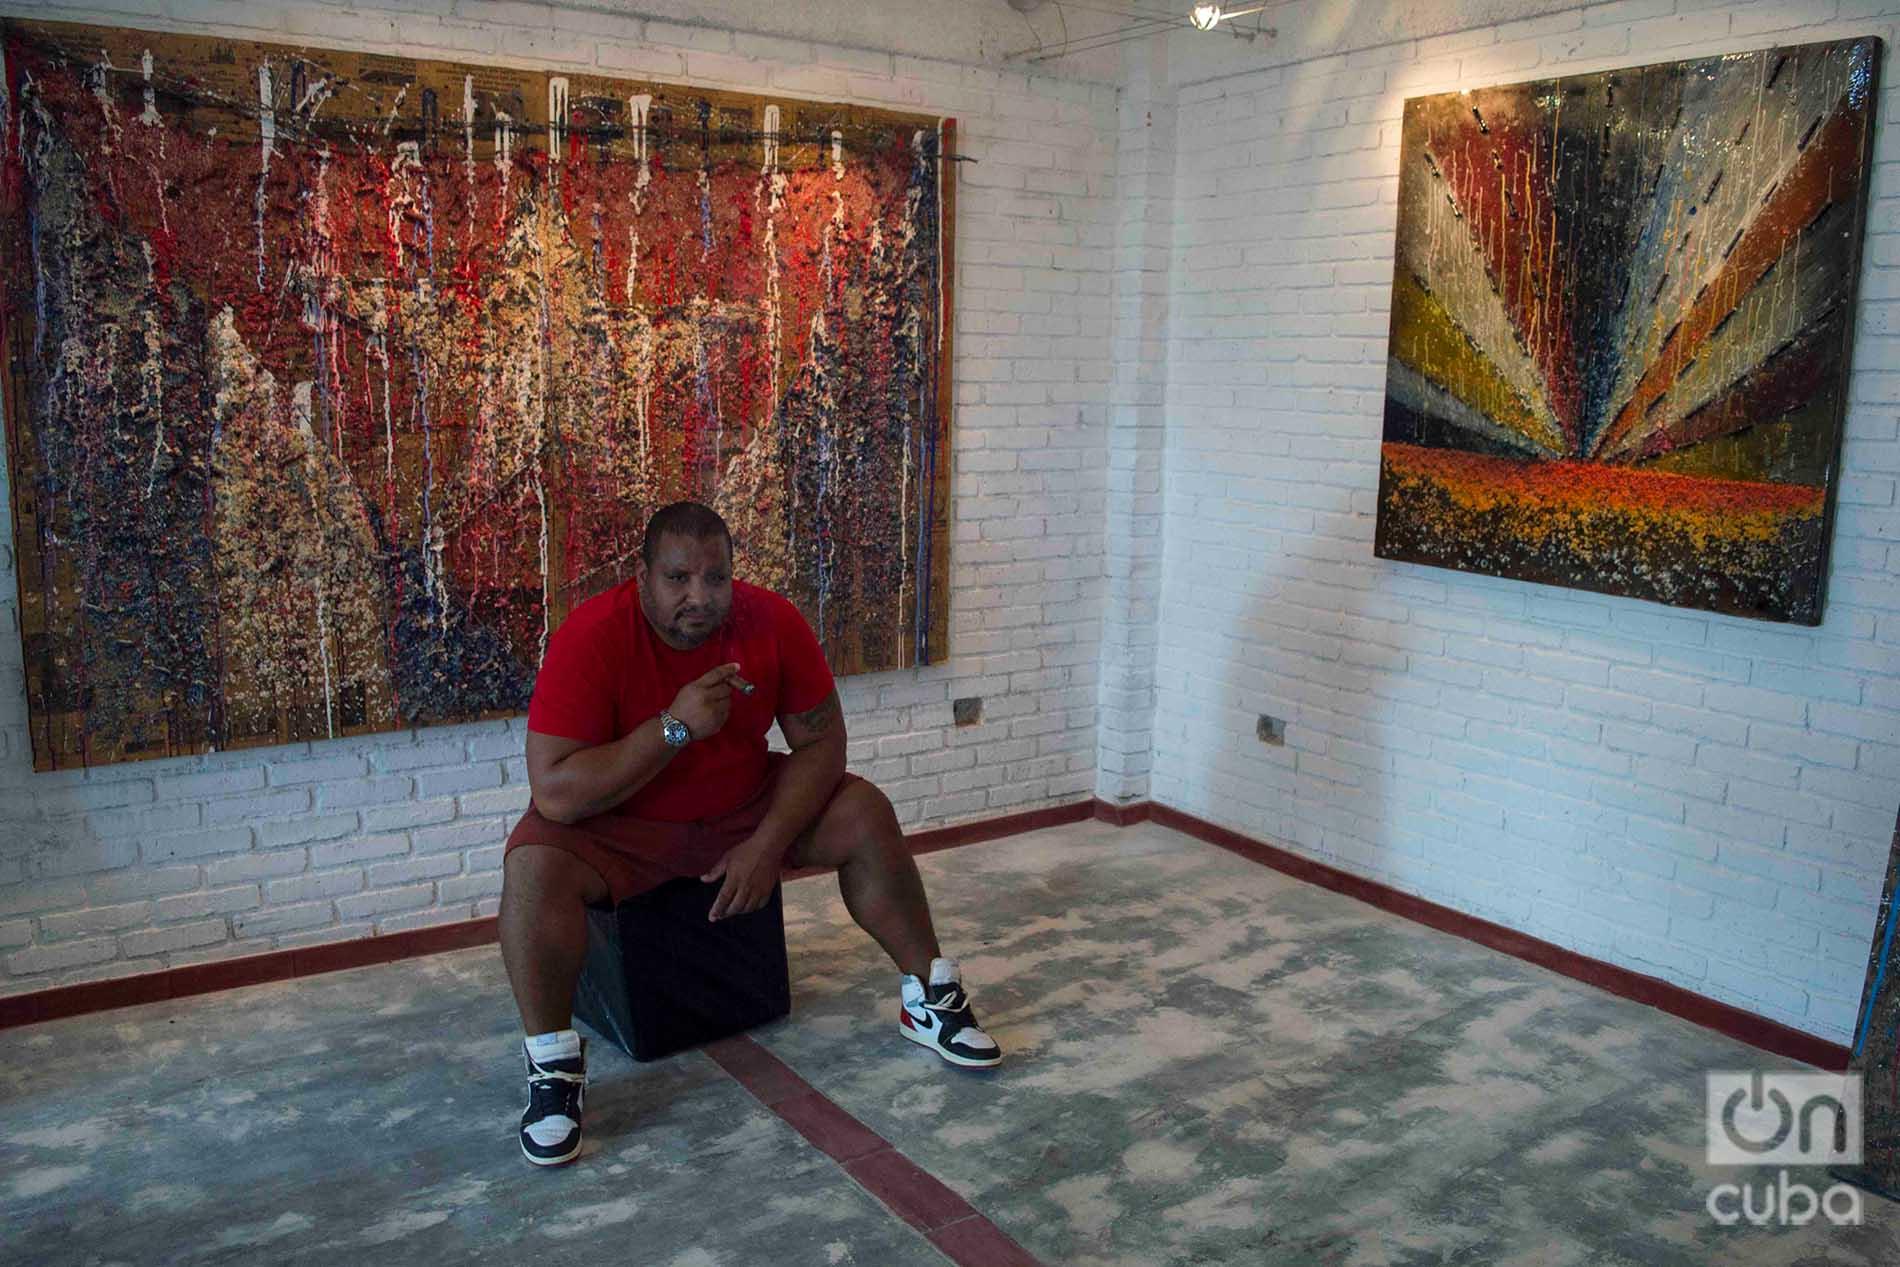 El artista cubano Michel Mirabal junto a obras de la exposición personal que exhibe en su galería taller, como parte de las actividades colaterales de la XIII Bienal de La Habana. Foto: Otmaro Rodríguez.